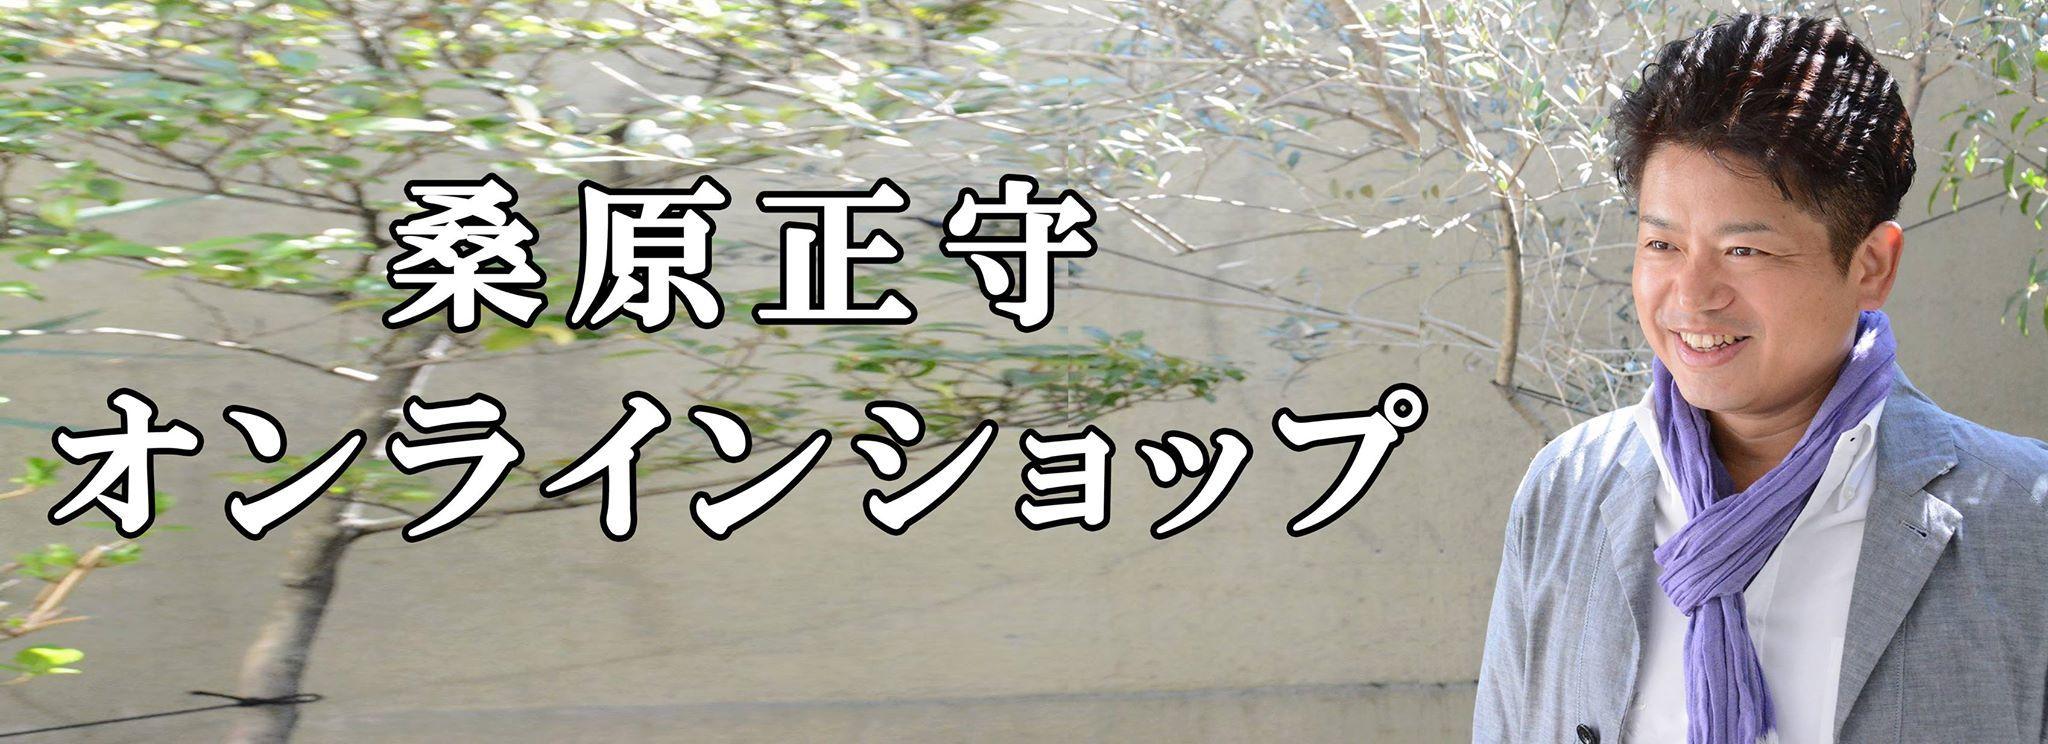 桑原正守オンラインショップ